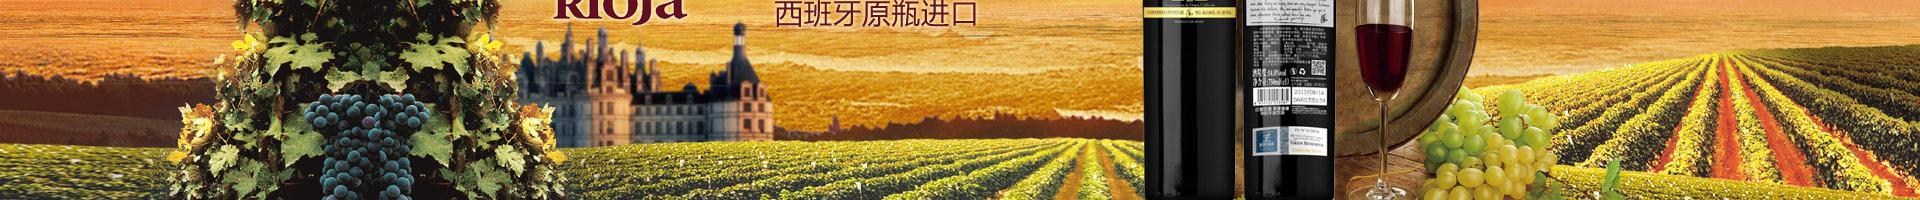 青岛中州国际贸易有限公司